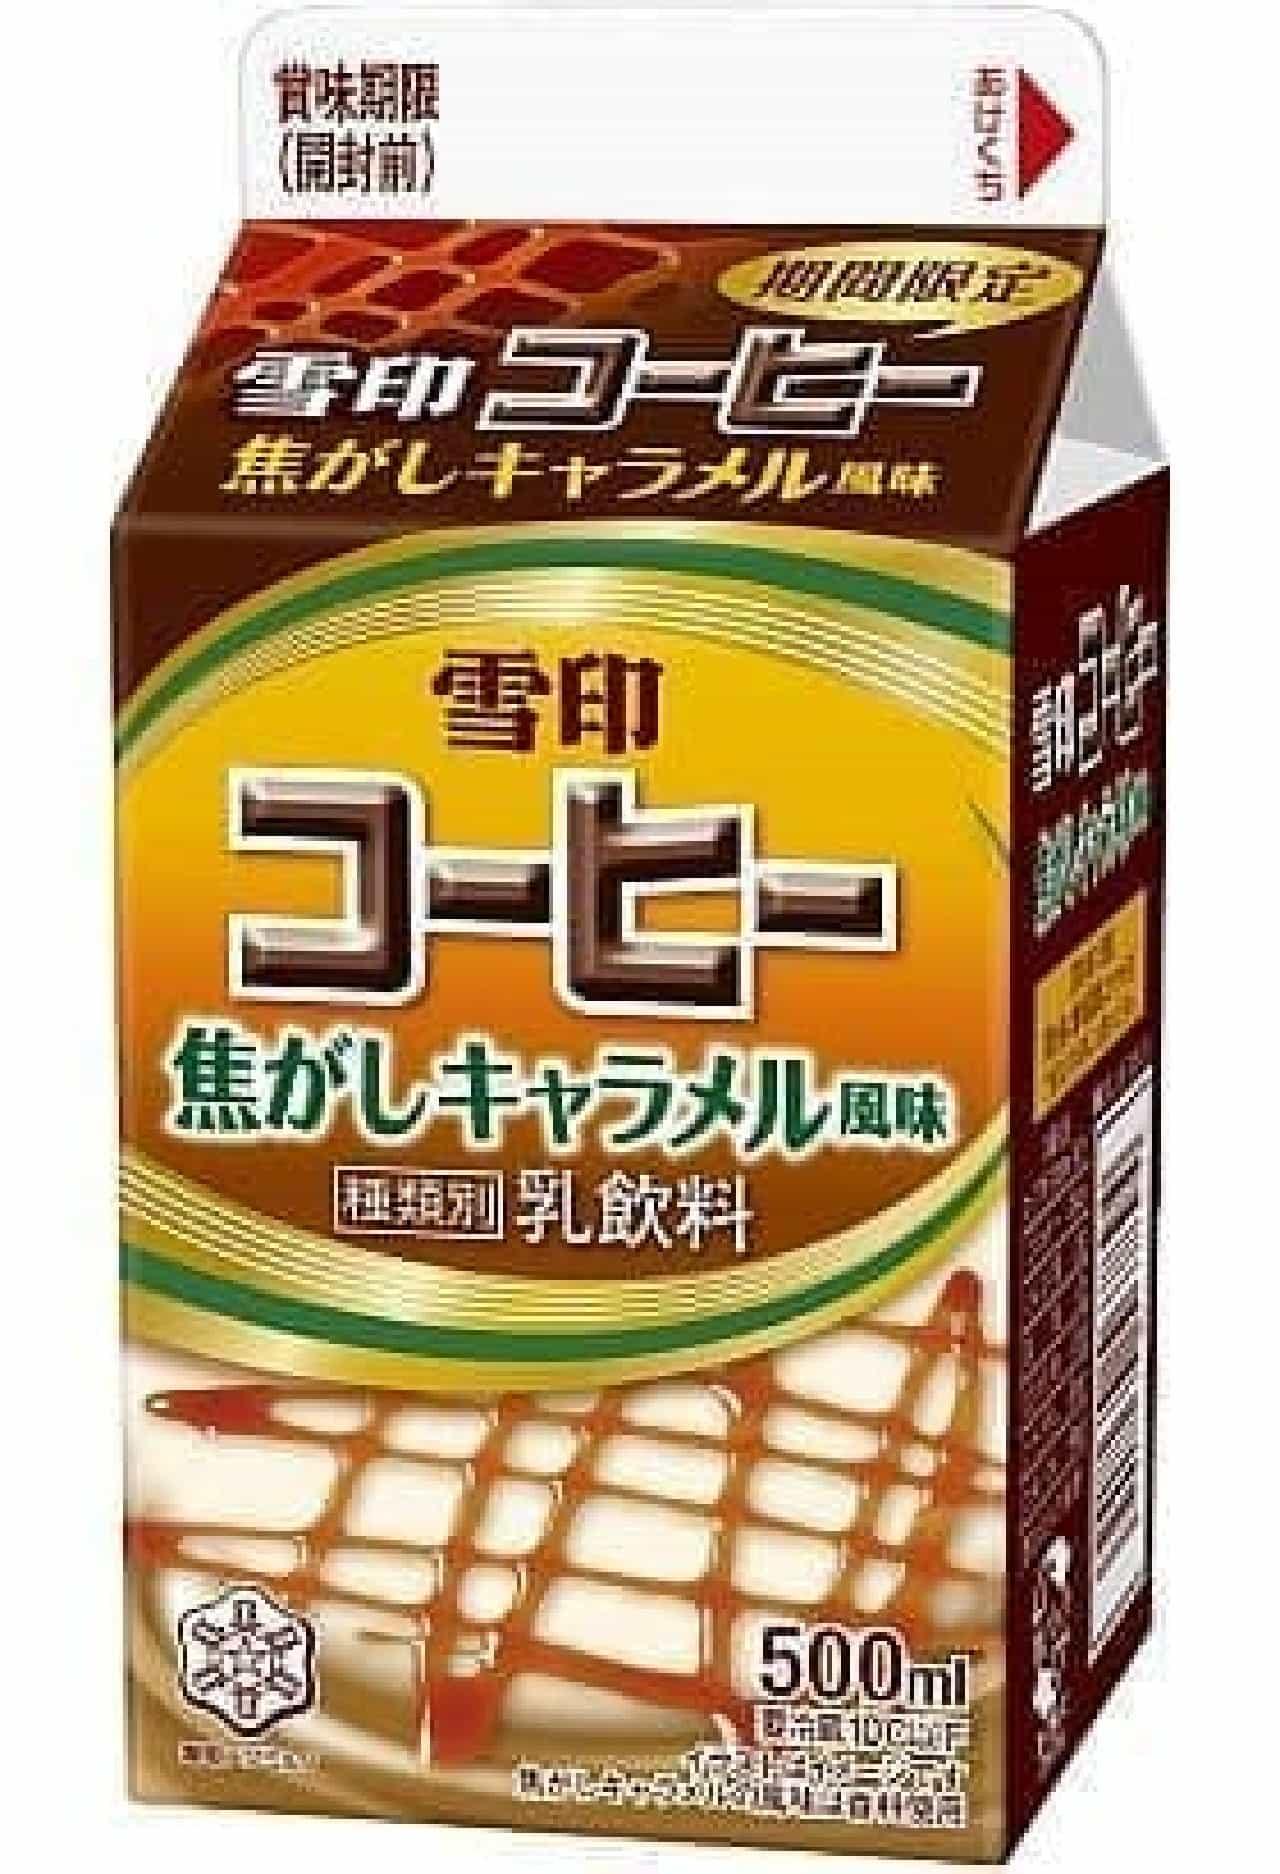 雪印メグミルク「雪印コーヒー 焦がしキャラメル風味」